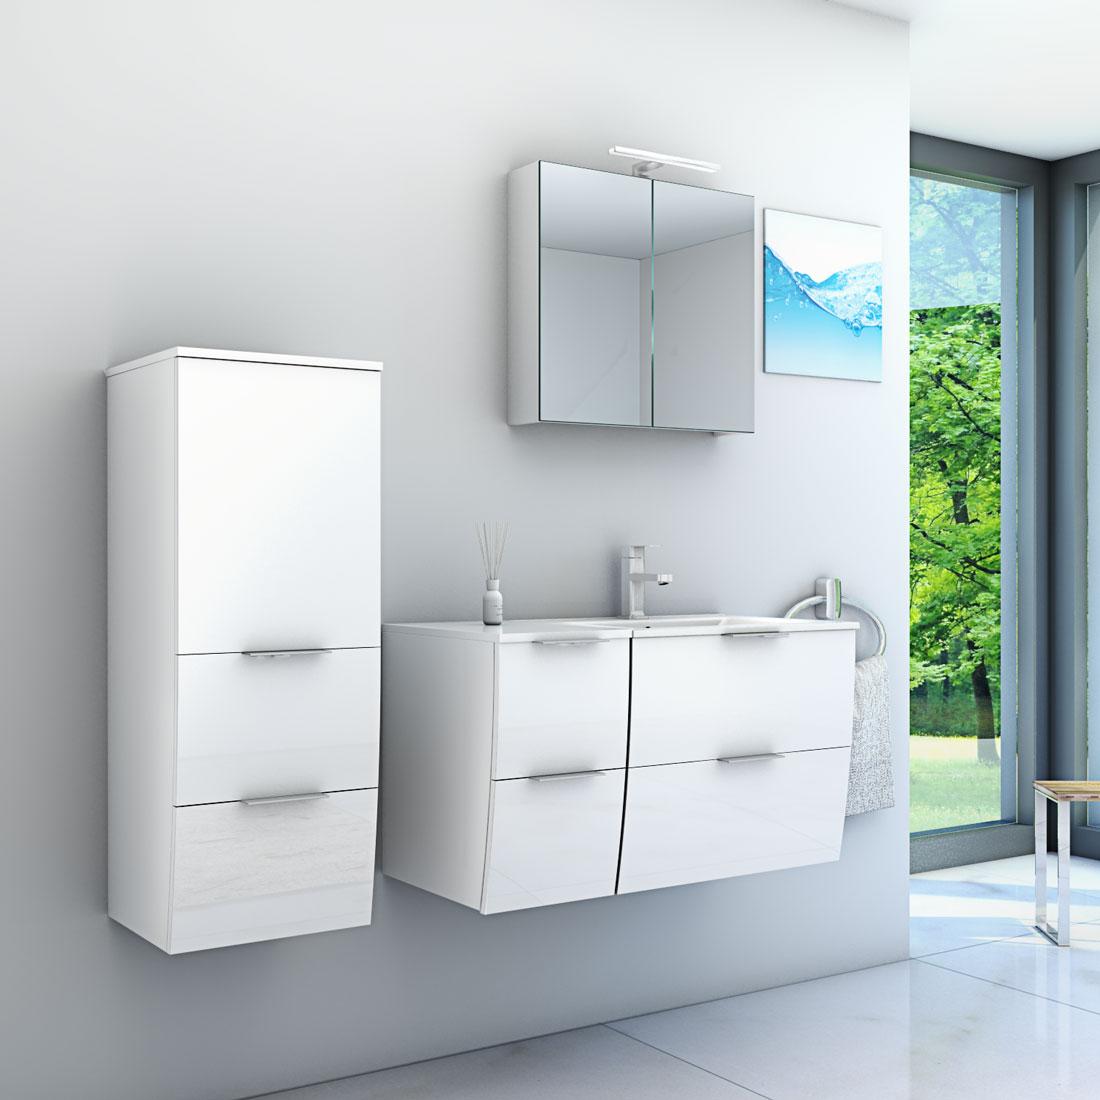 Badmöbel Set Gently 2 V3-L Hochglanz weiß, Badezimmermöbel, Waschtisch